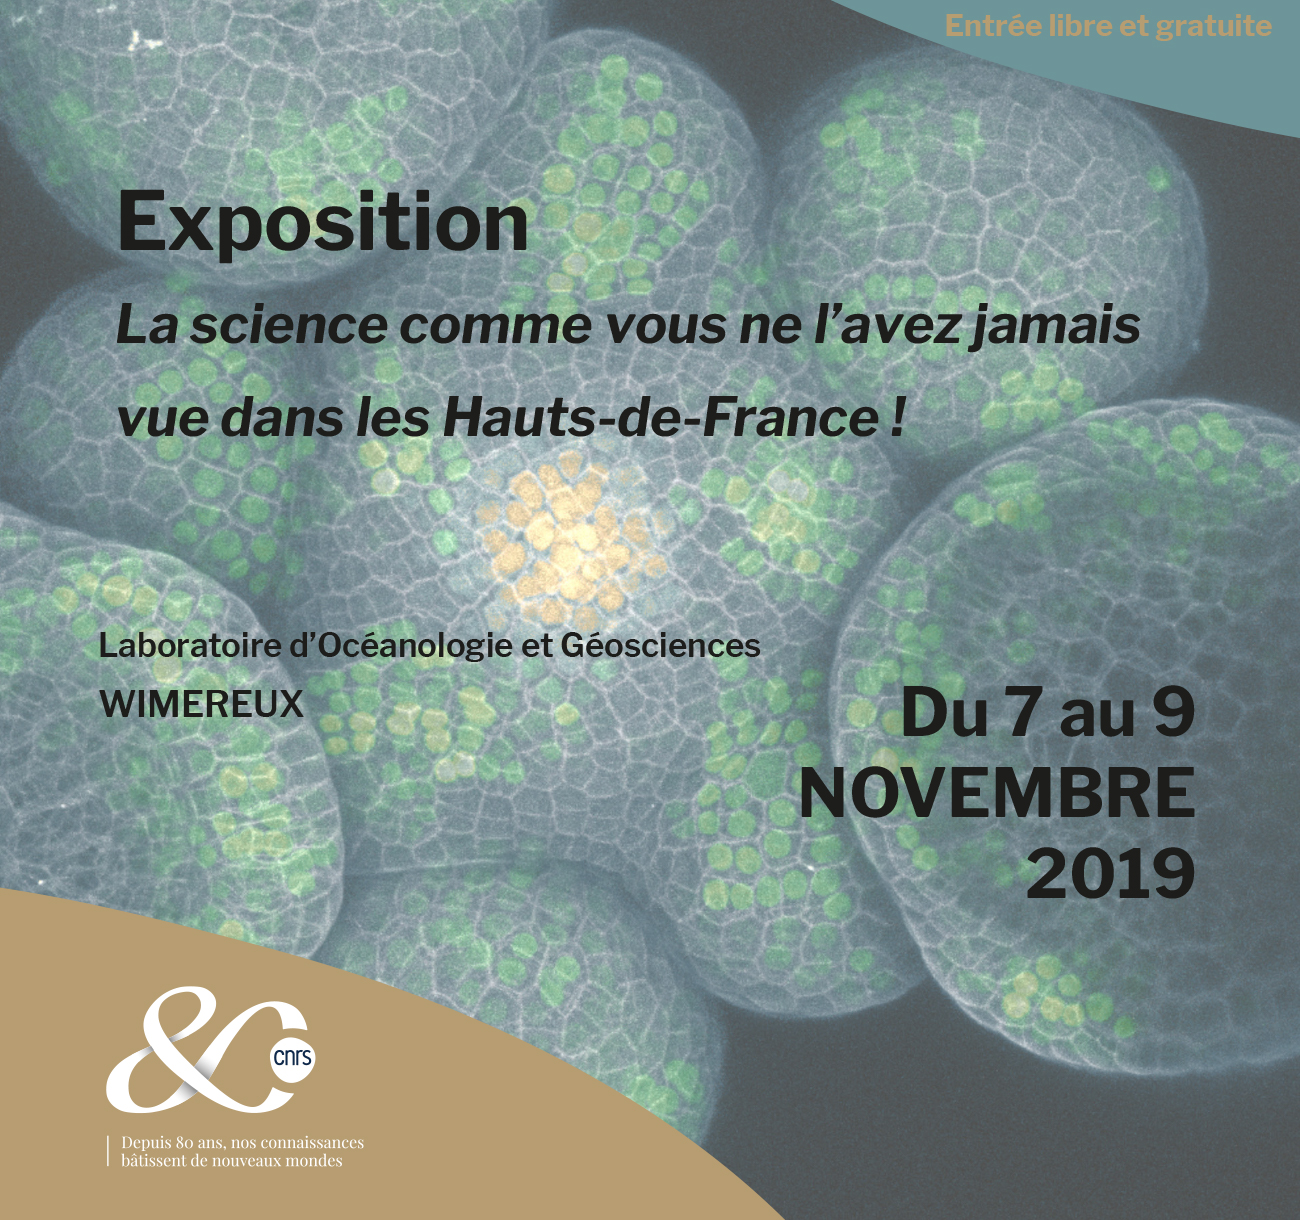 La science comme vous ne l'avez jamais vue dans les Hauts-de-France ! – Wimereux